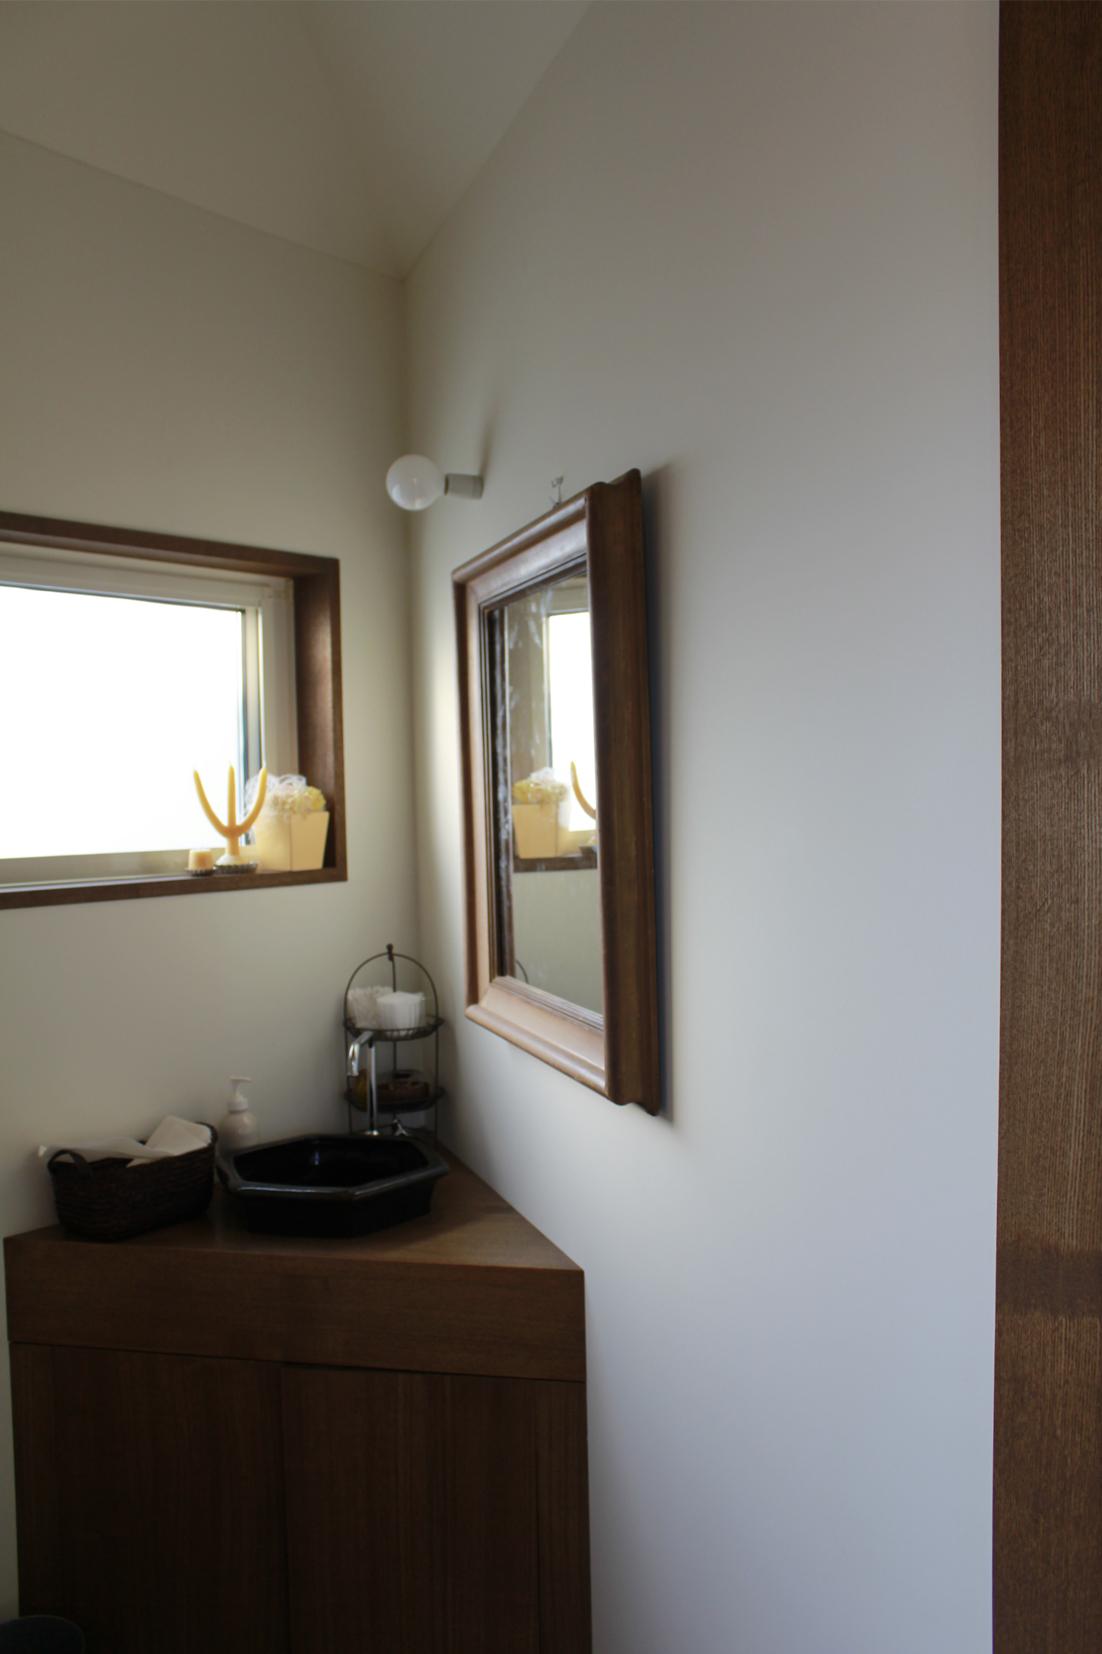 38garden cafe | フレーム | 額縁 | 山形・仙台を中心にオリジナル家具・オーダー家具、インテリアのデザイン・製作・納品をおこなっています。おしゃれ。